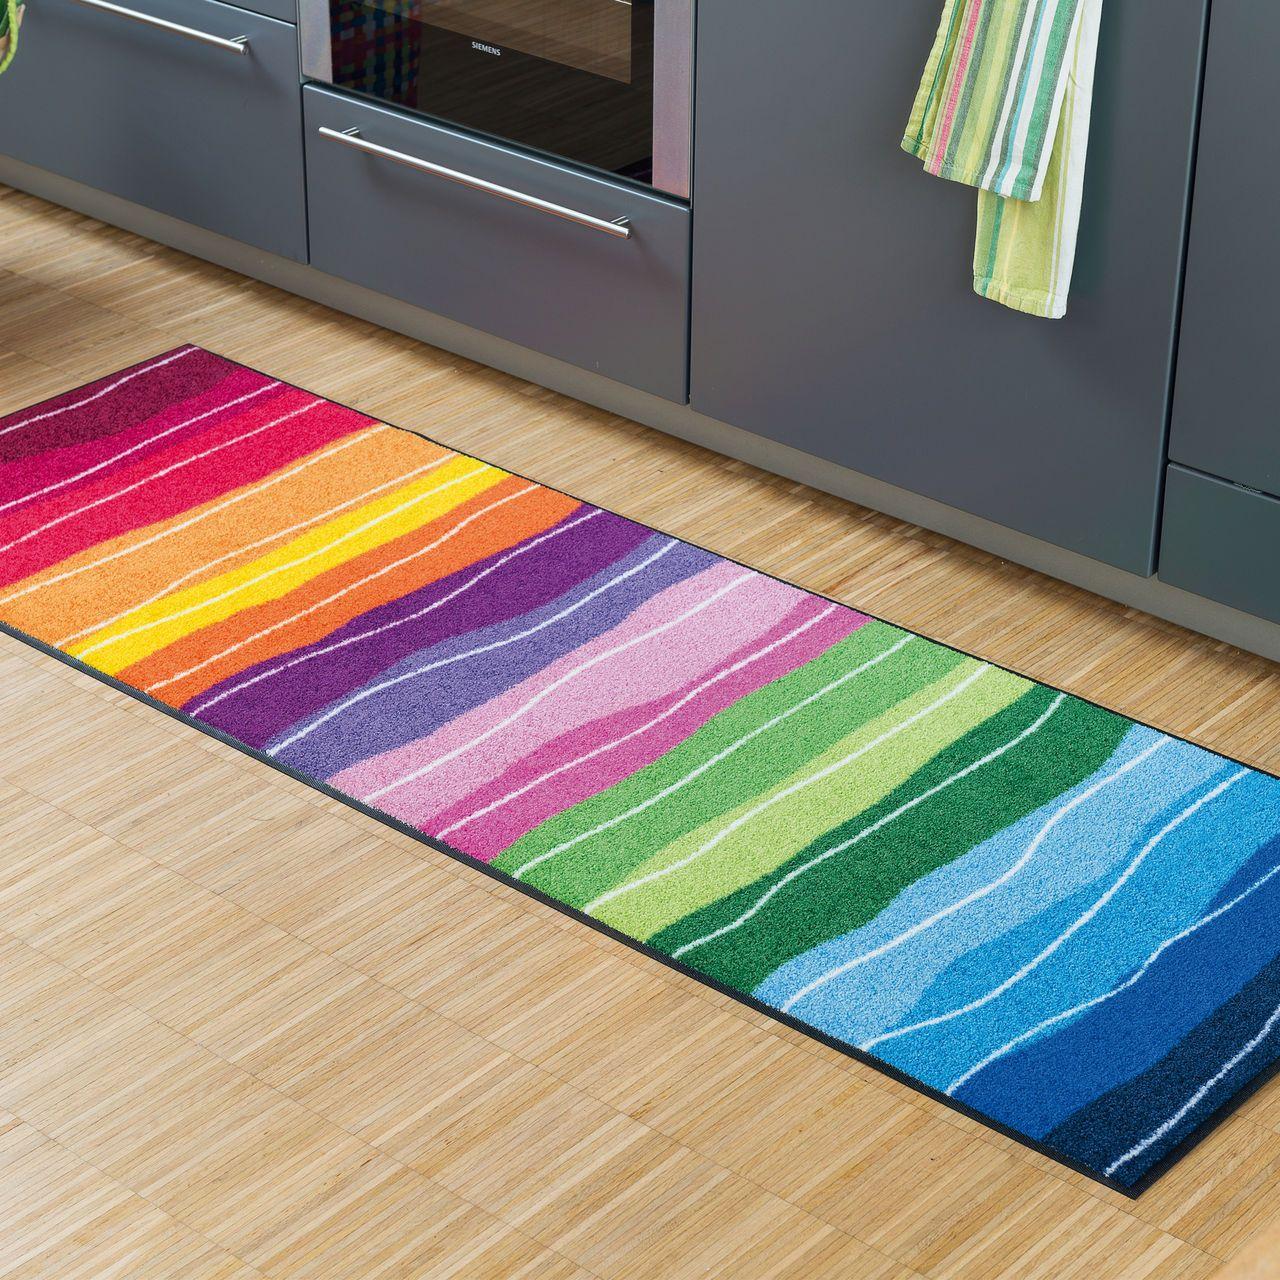 Farbenfroher Teppichläufer & Fußmatte